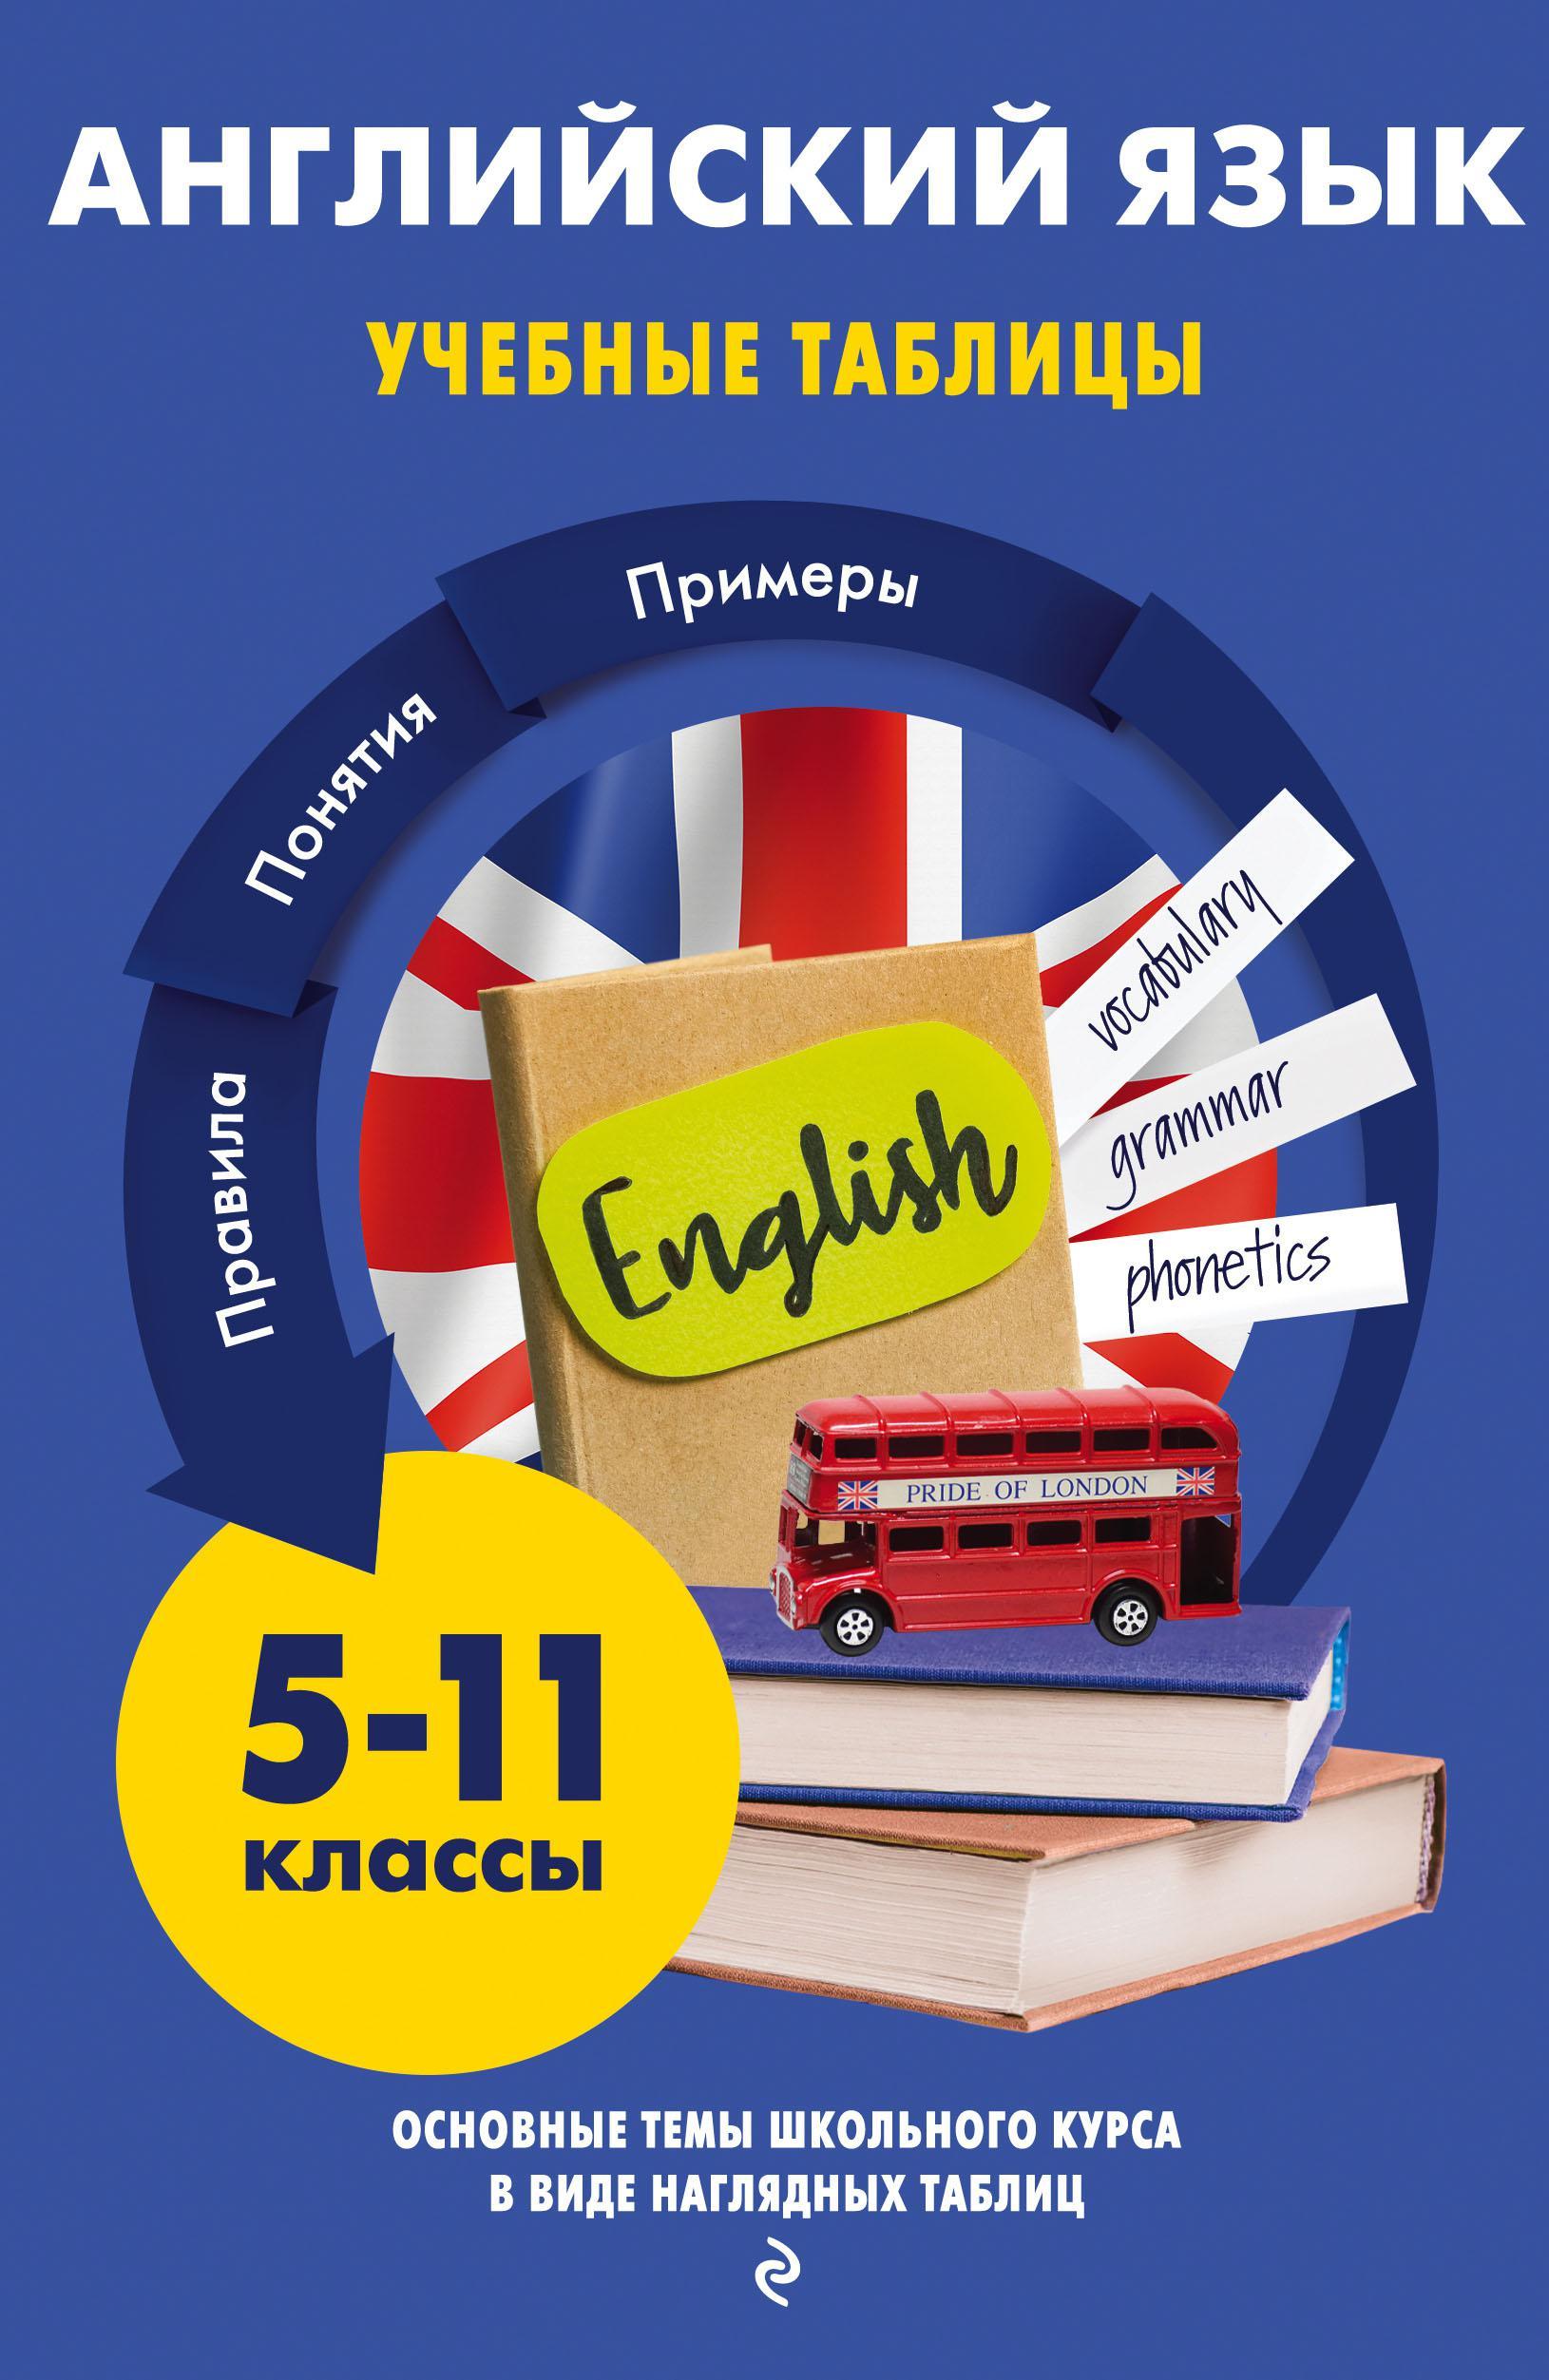 Английский язык. Учебные таблицы